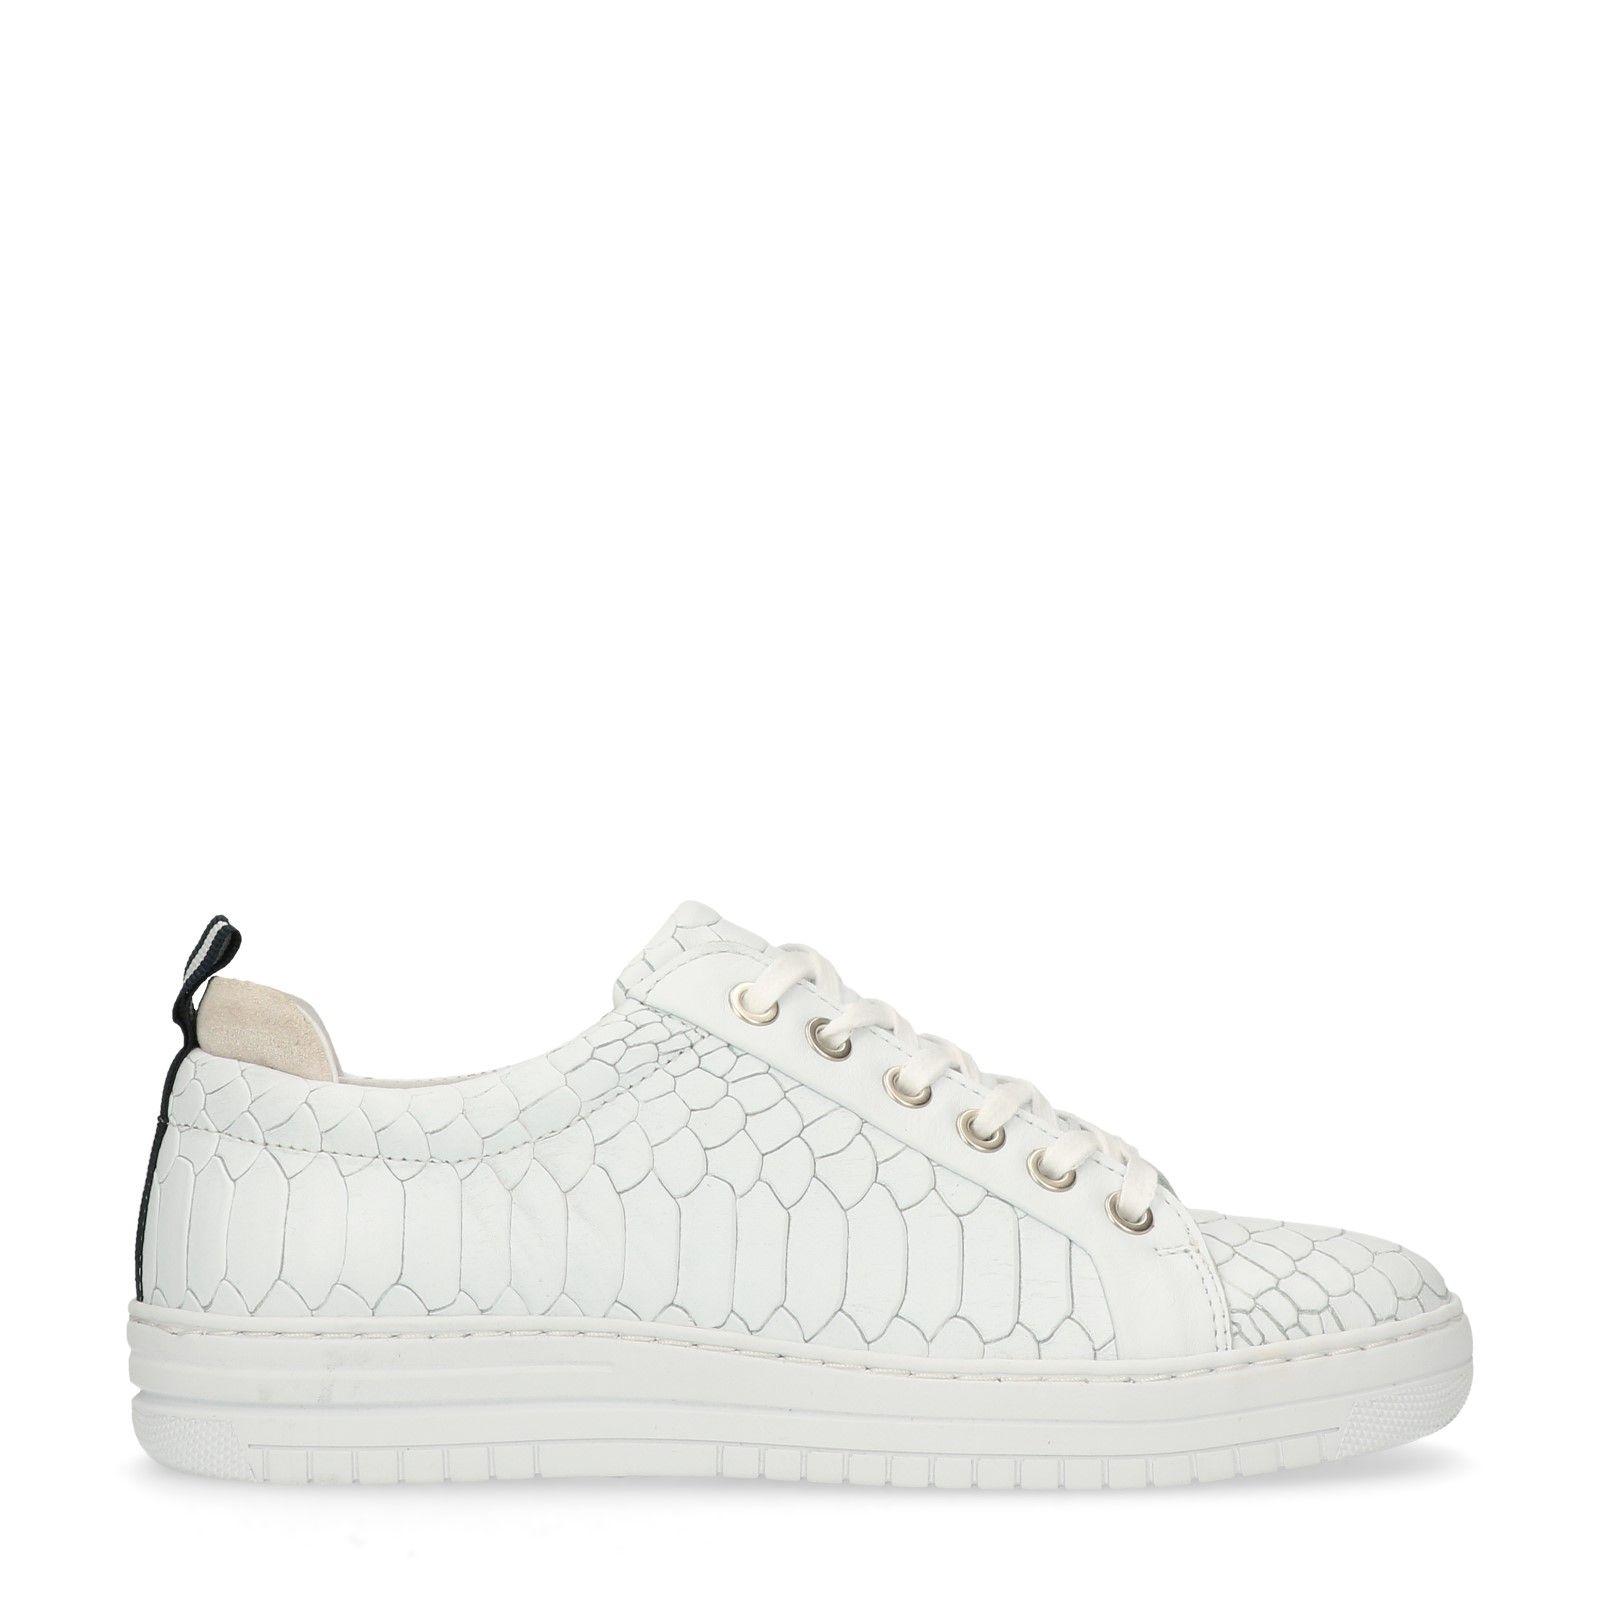 Manchester Große Online-Verkauf Billig Verkauf Angebote Weiße Sneaker mit Schlangenmuster (40 Günstigsten Preis Günstig Online IAsKA